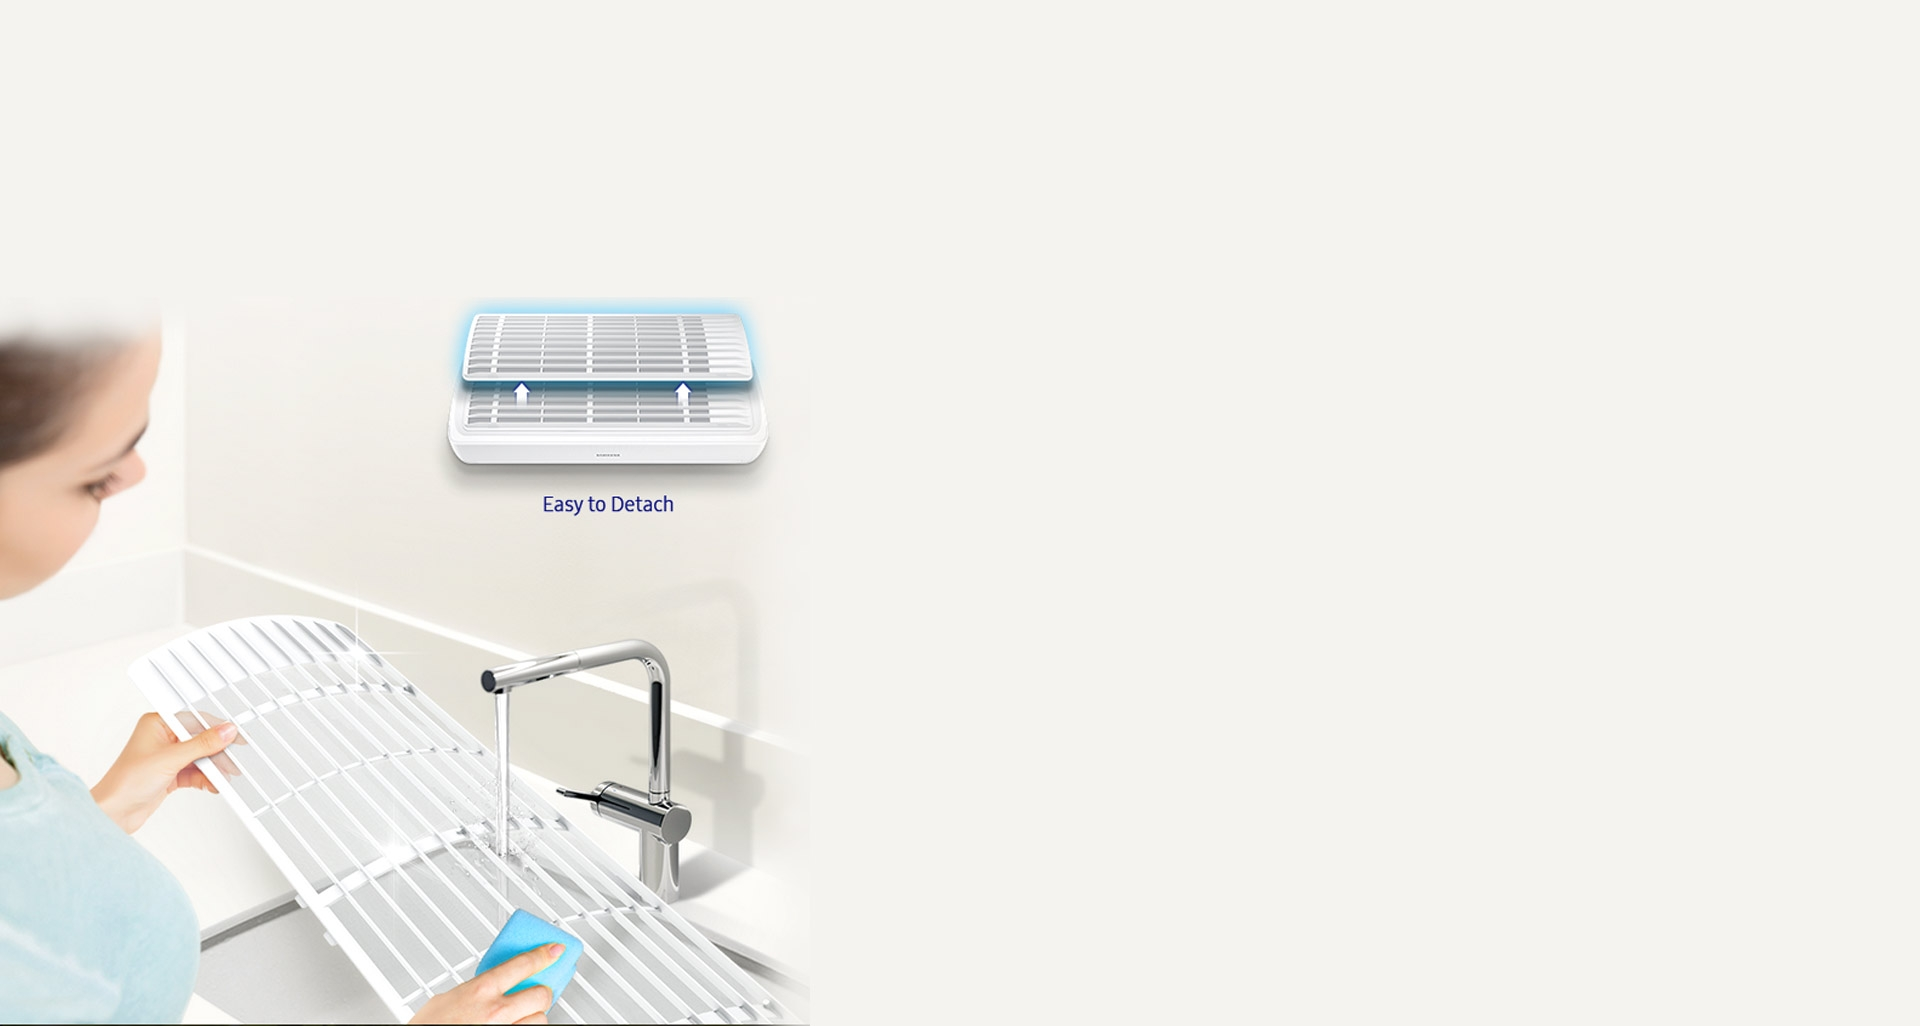 تمیز کردن فیلتر کولر گازی ar25nsp، سریع و آسان